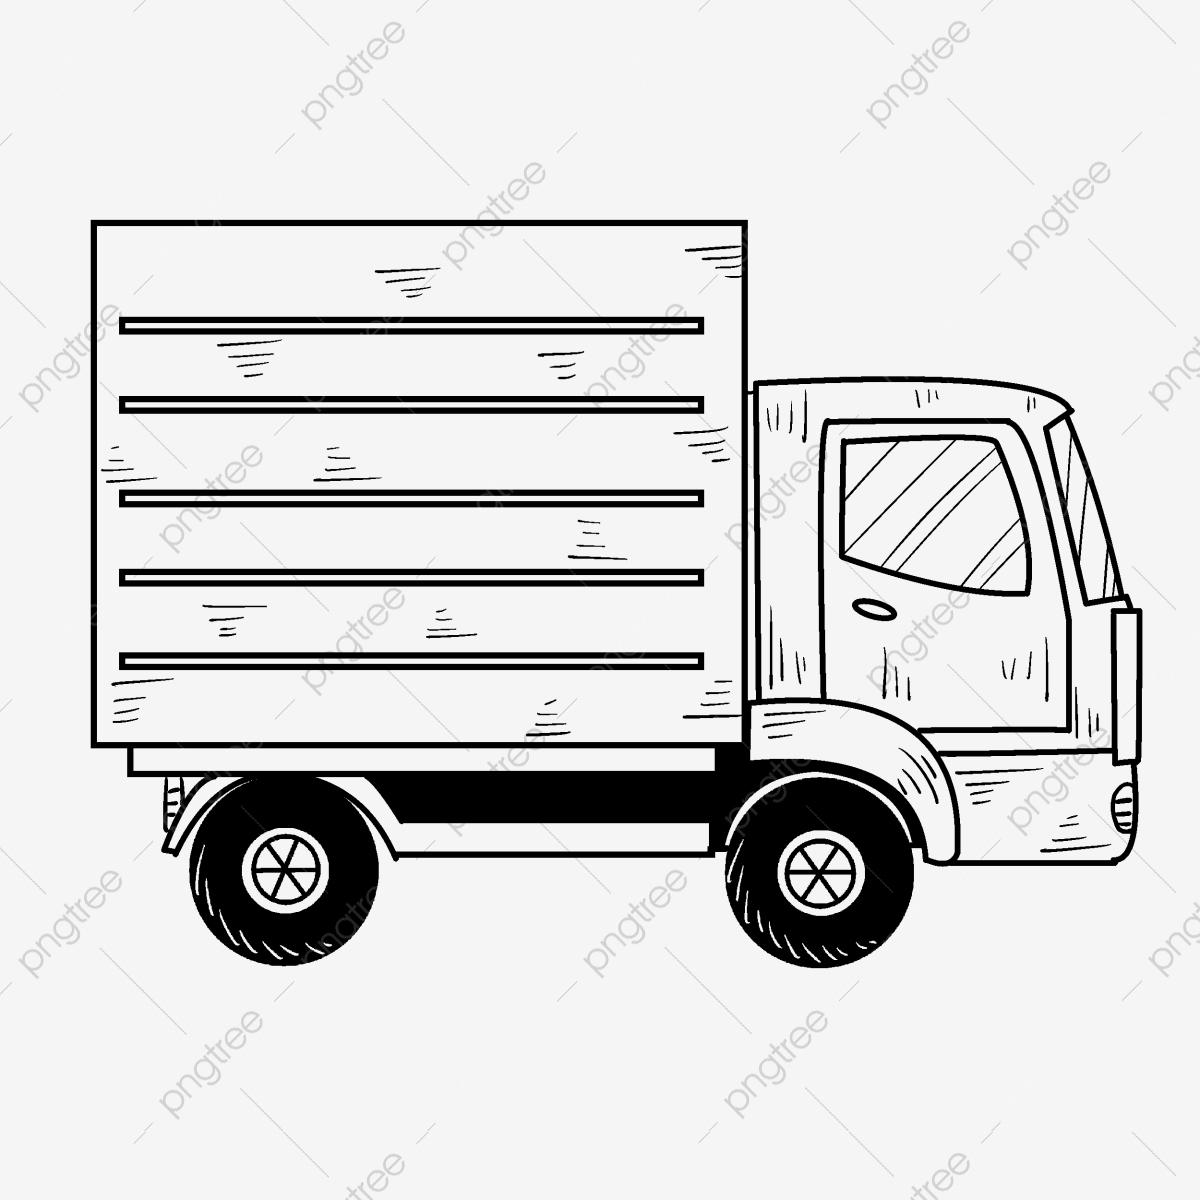 Dessiné À La Main Camion De Dessin Au Trait Dessin Animé concernant Dessin D Un Camion